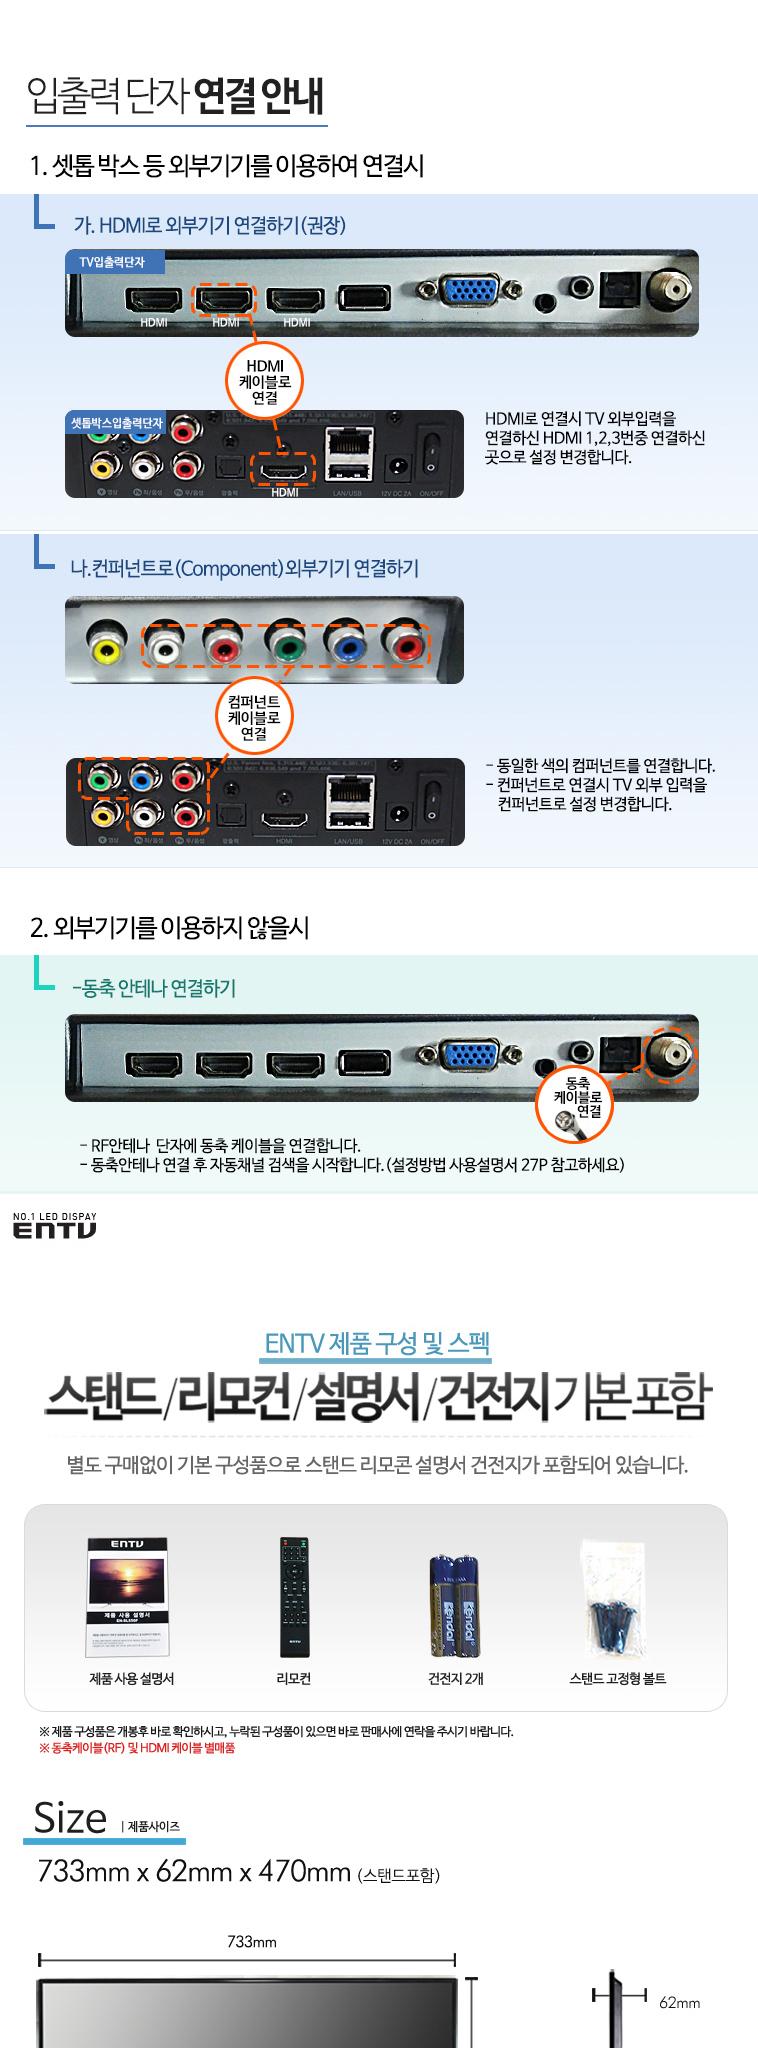 [어버이날] 이엔티비 32인치 HD TV - 상세정보